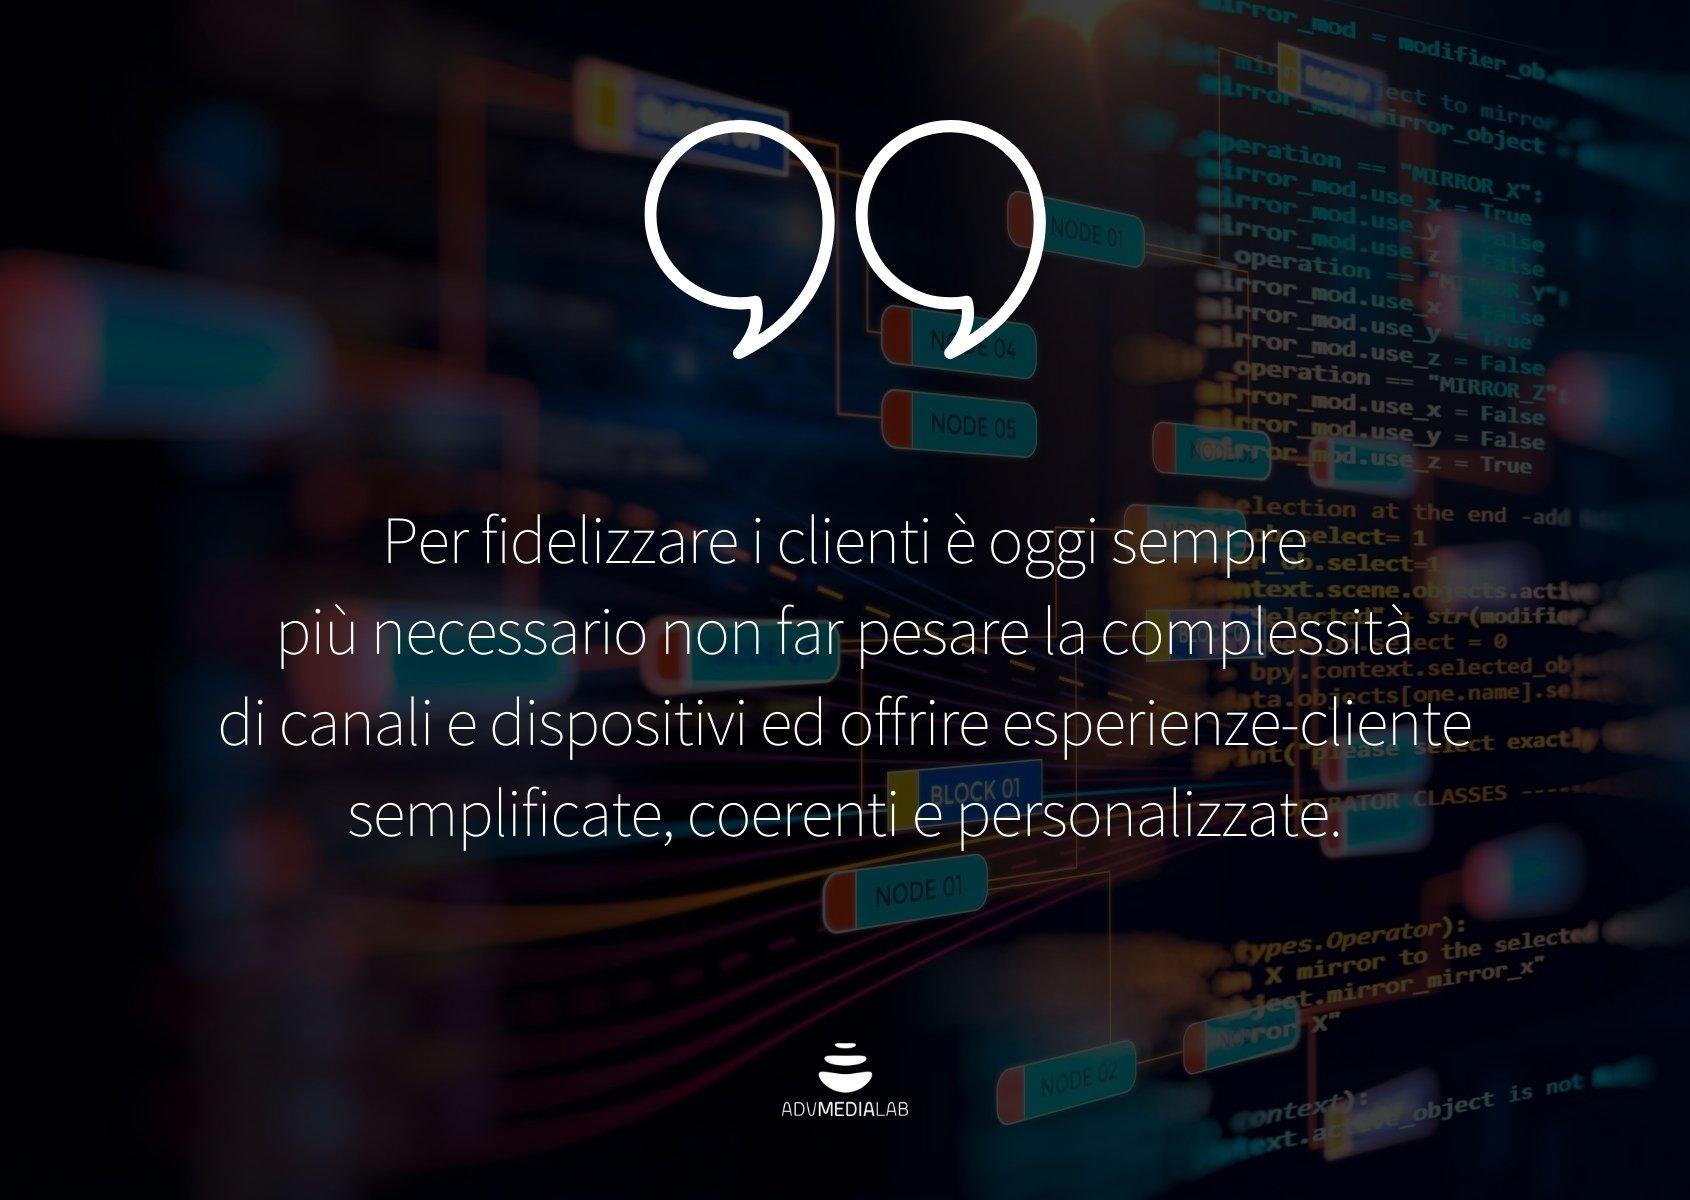 Customer data platform: per fidelizzare i clienti è necessario non far pesare la complessità di canali e dispositivi, ma offrire esperienze-cliente più semplificate e personalizzate.